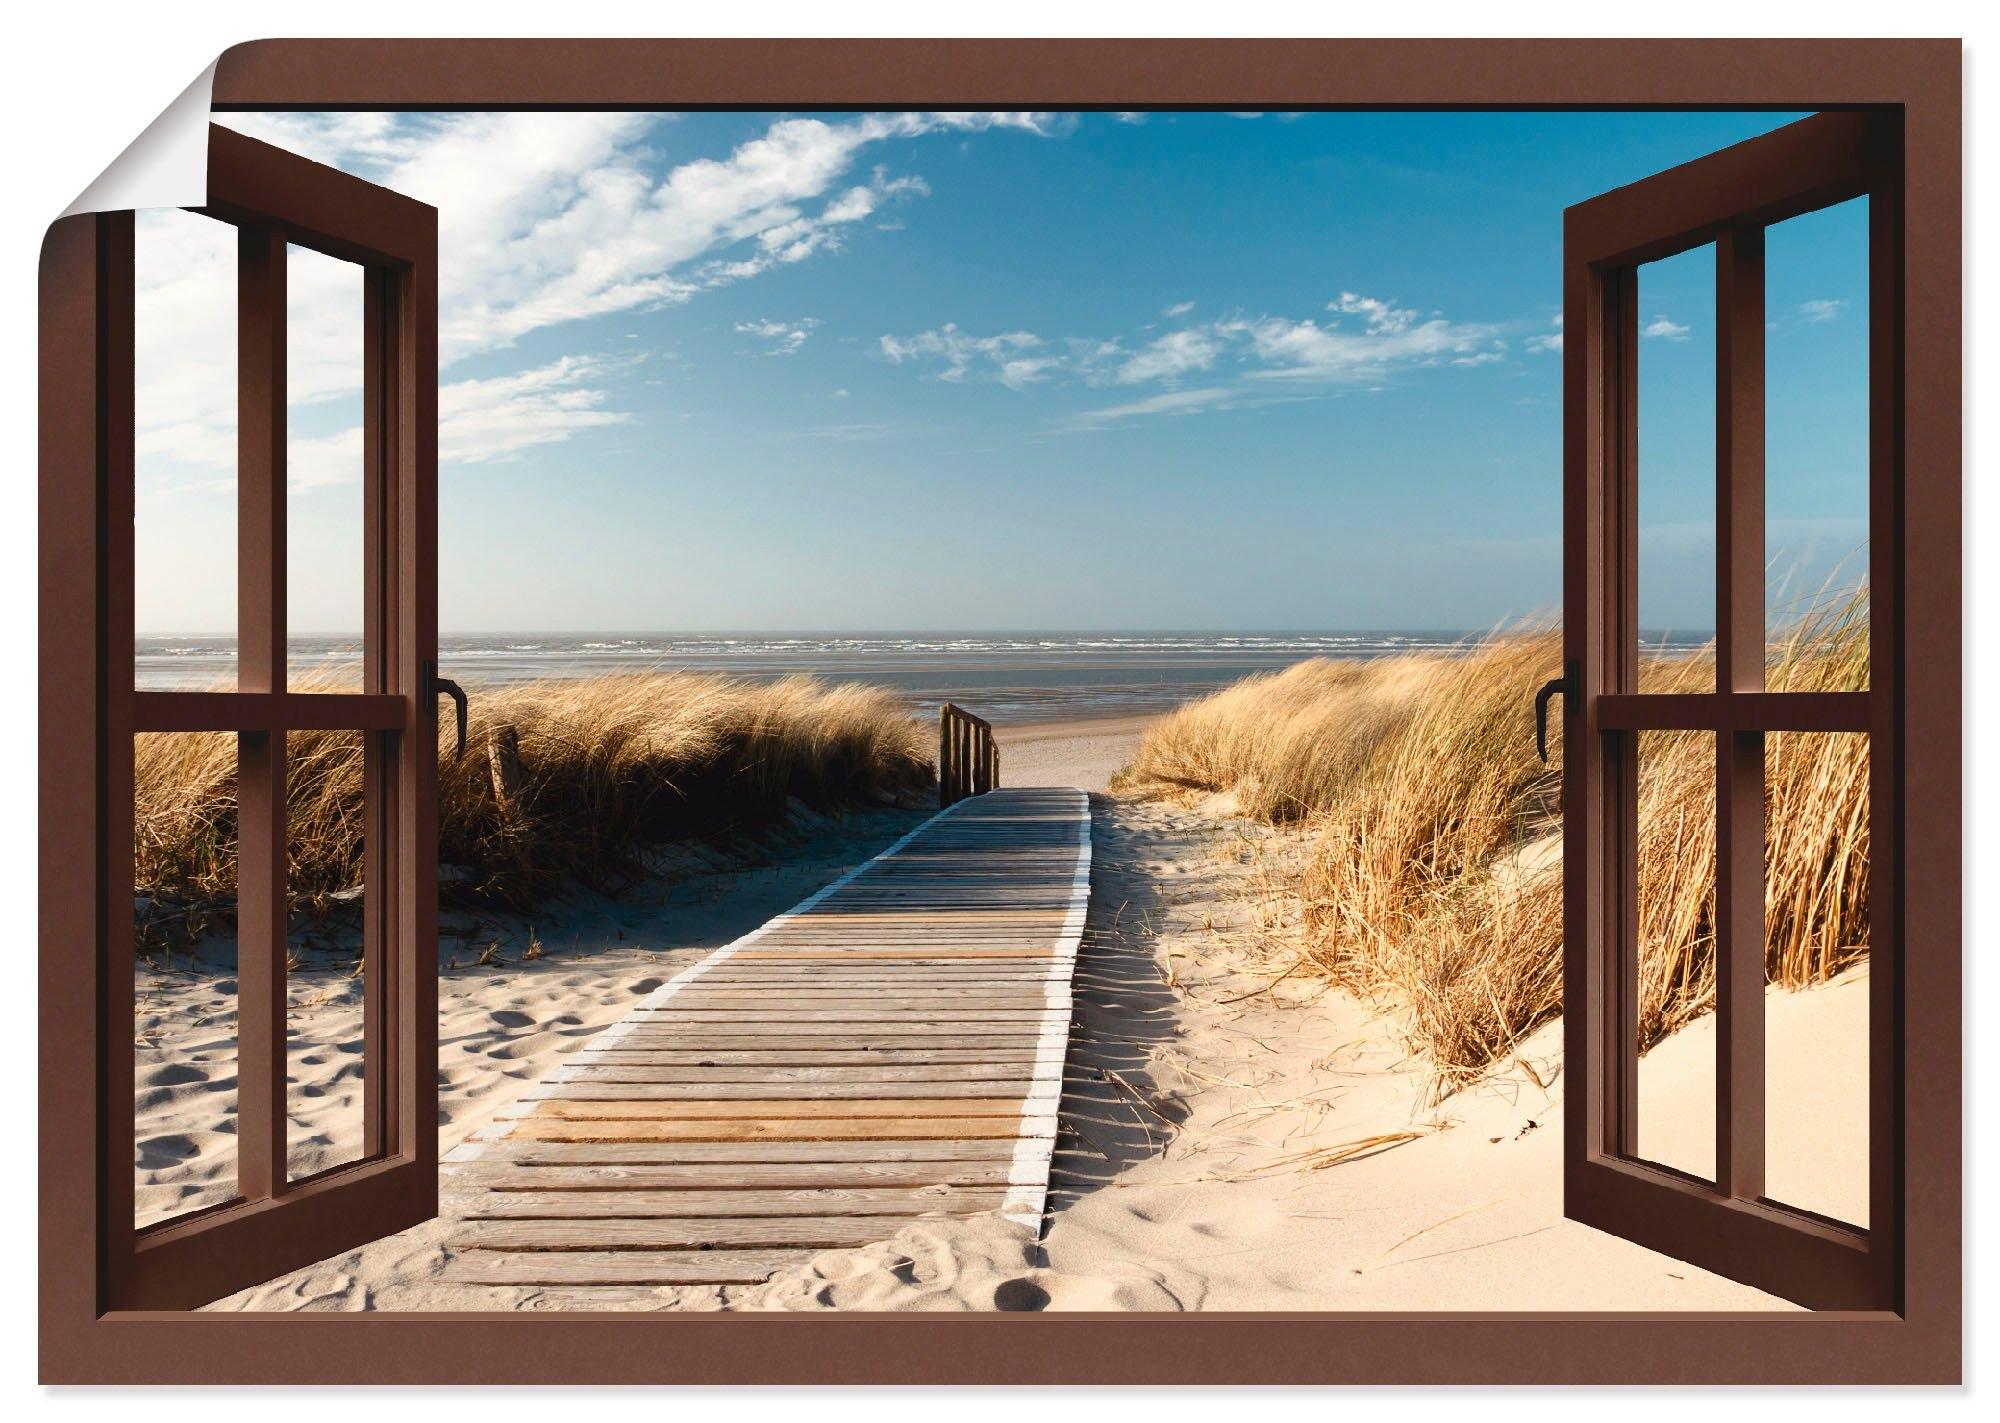 Artland artprint Blik uit het venster Noordzeestrand op Langeoog in vele afmetingen & productsoorten -artprint op linnen, poster, muursticker / wandfolie ook geschikt voor de badkamer (1 stuk) bestellen: 30 dagen bedenktijd